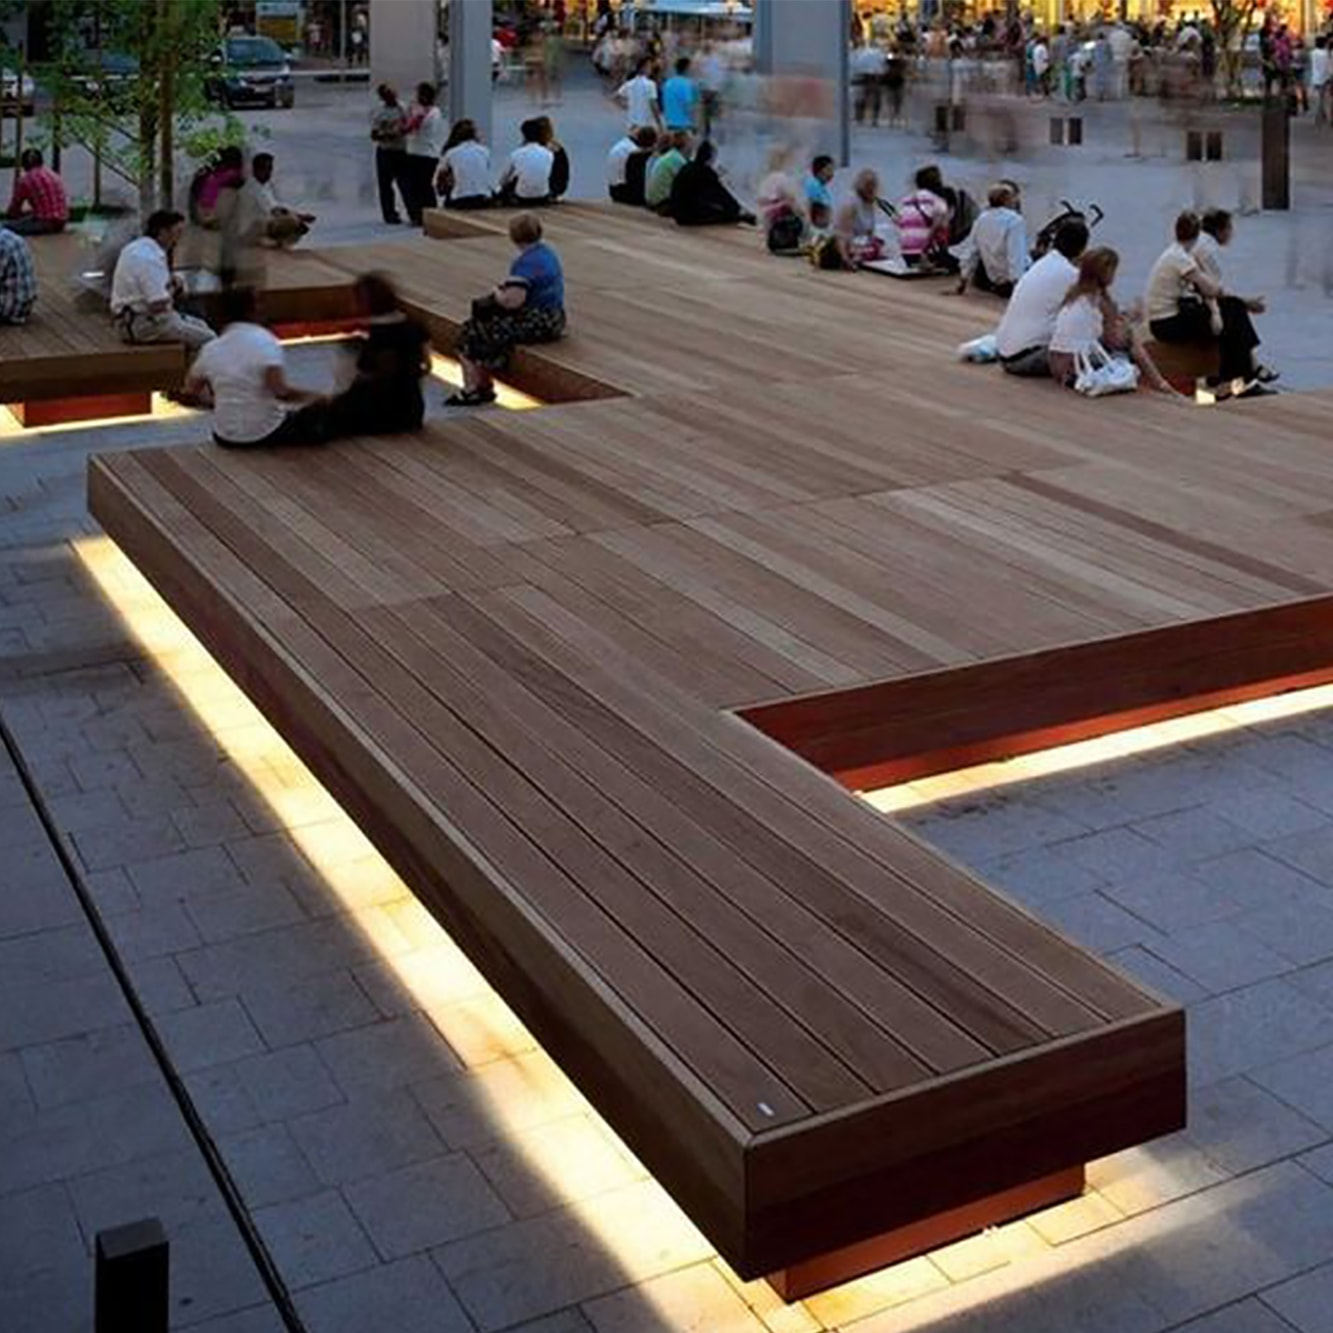 اهمیت طراحی مبلمان شهری و نیمکت